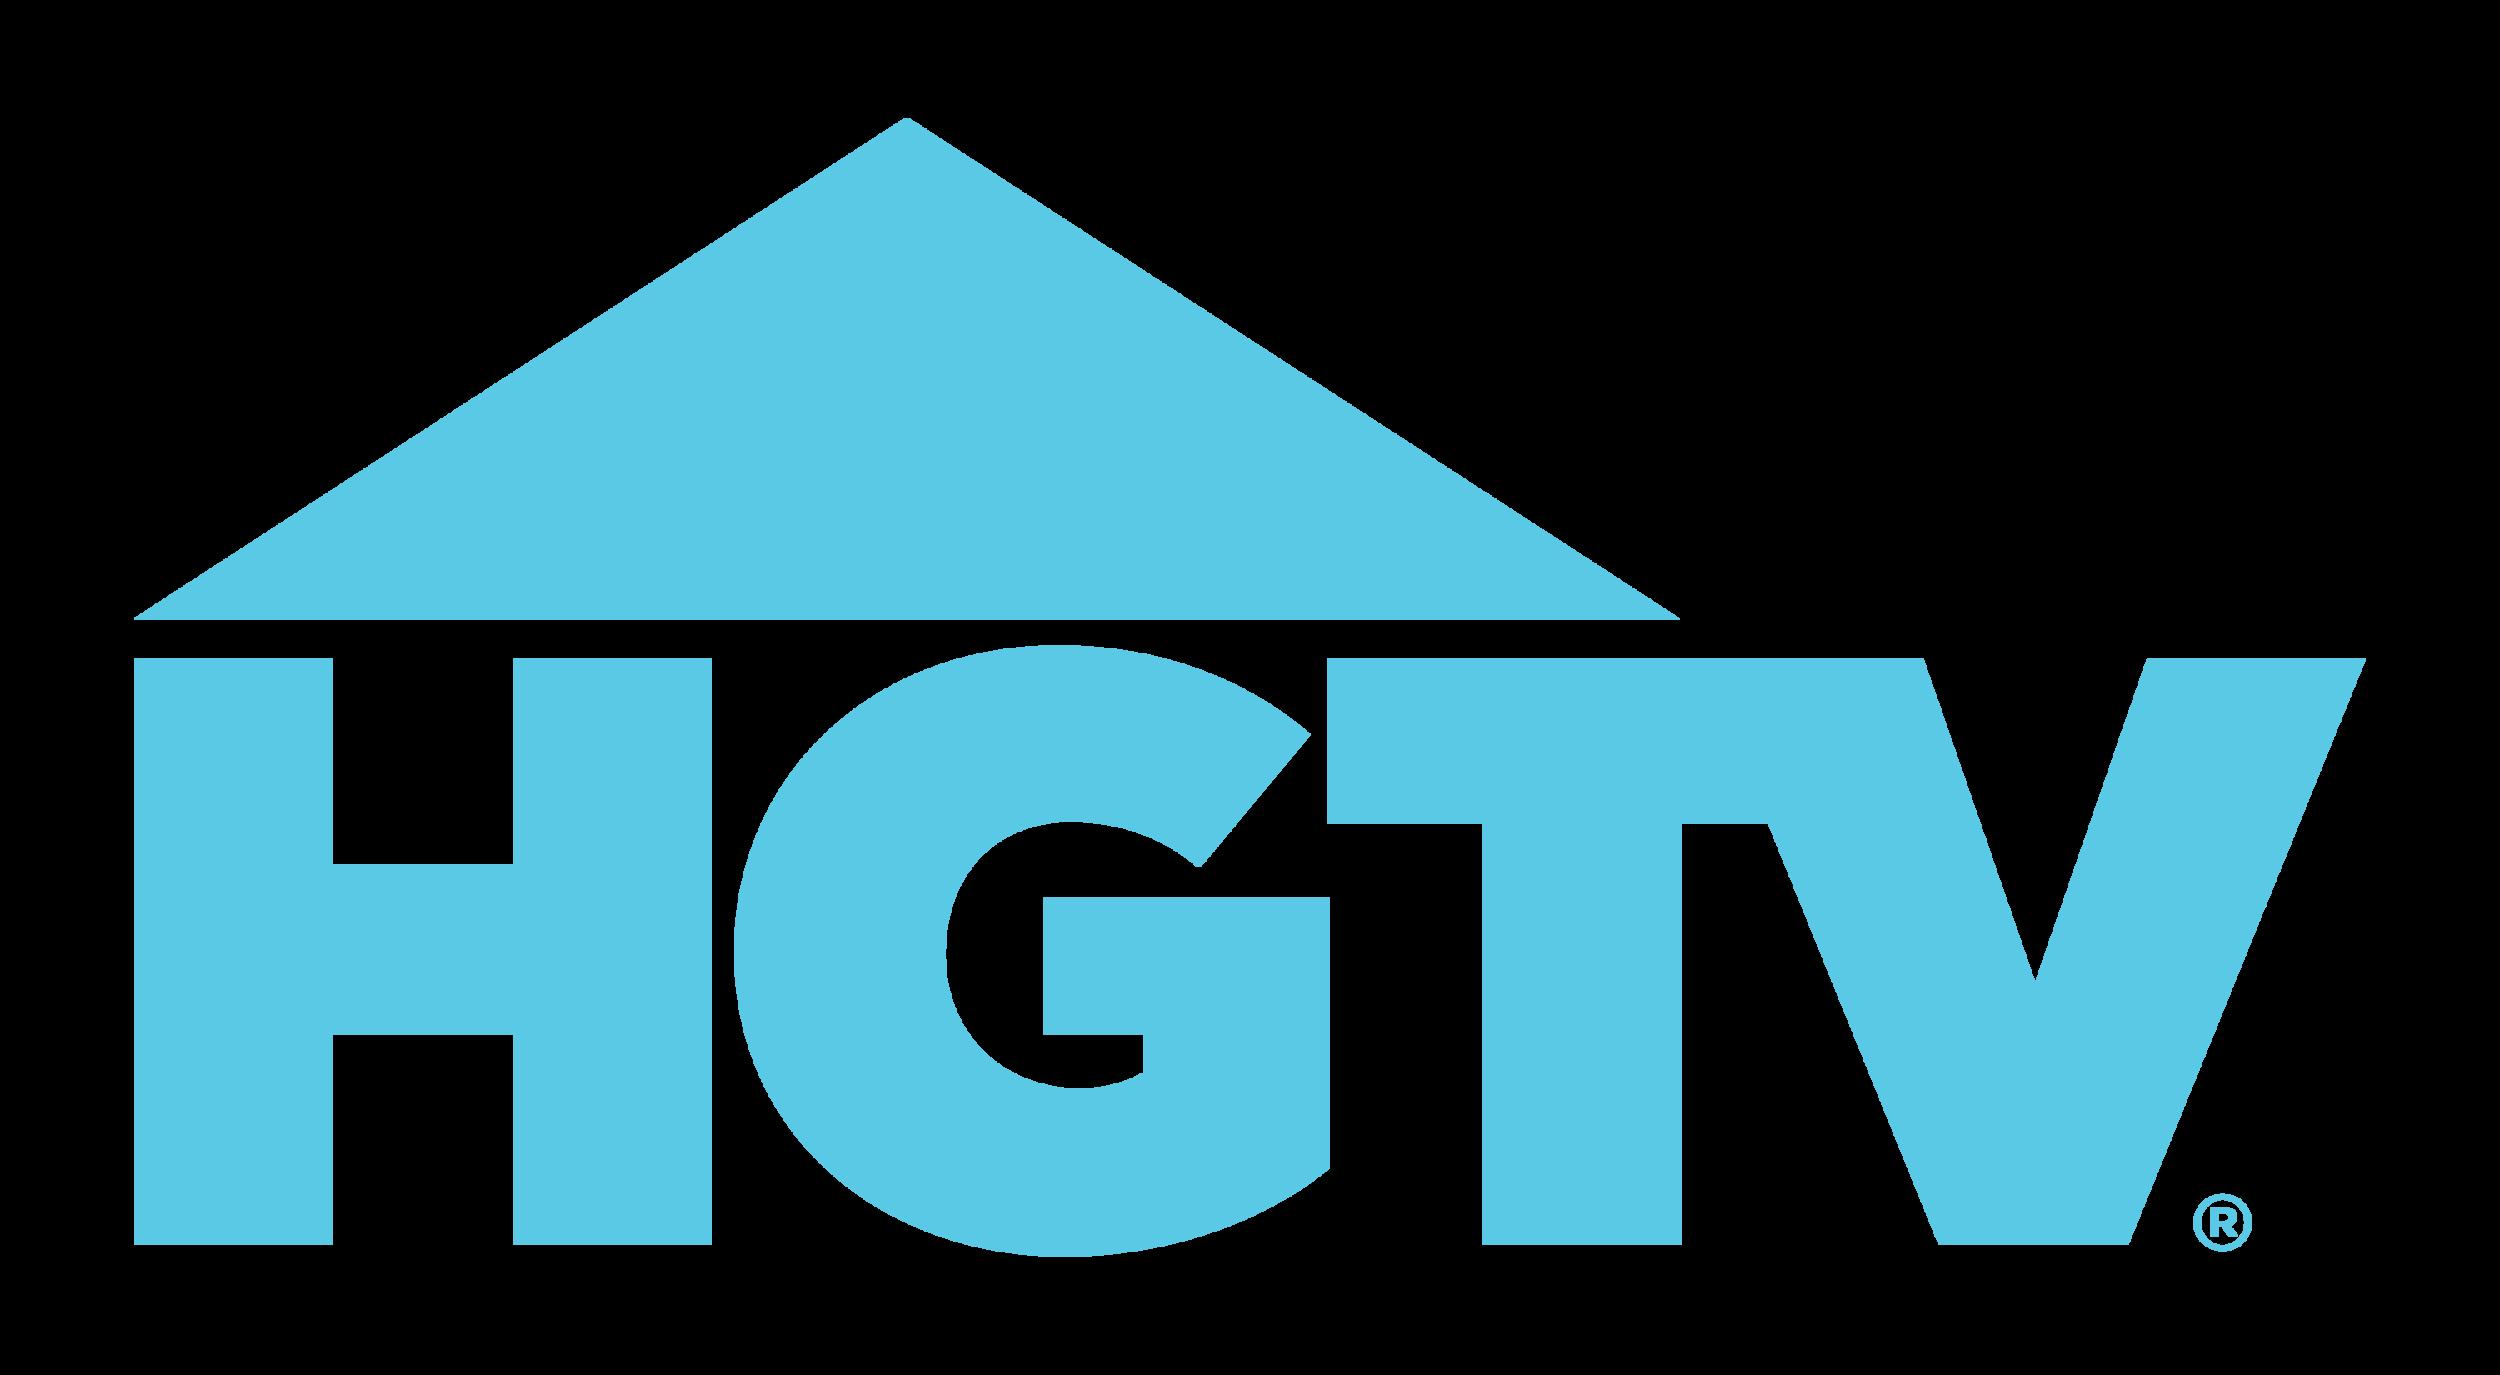 HGTV_Registered_Blue.png